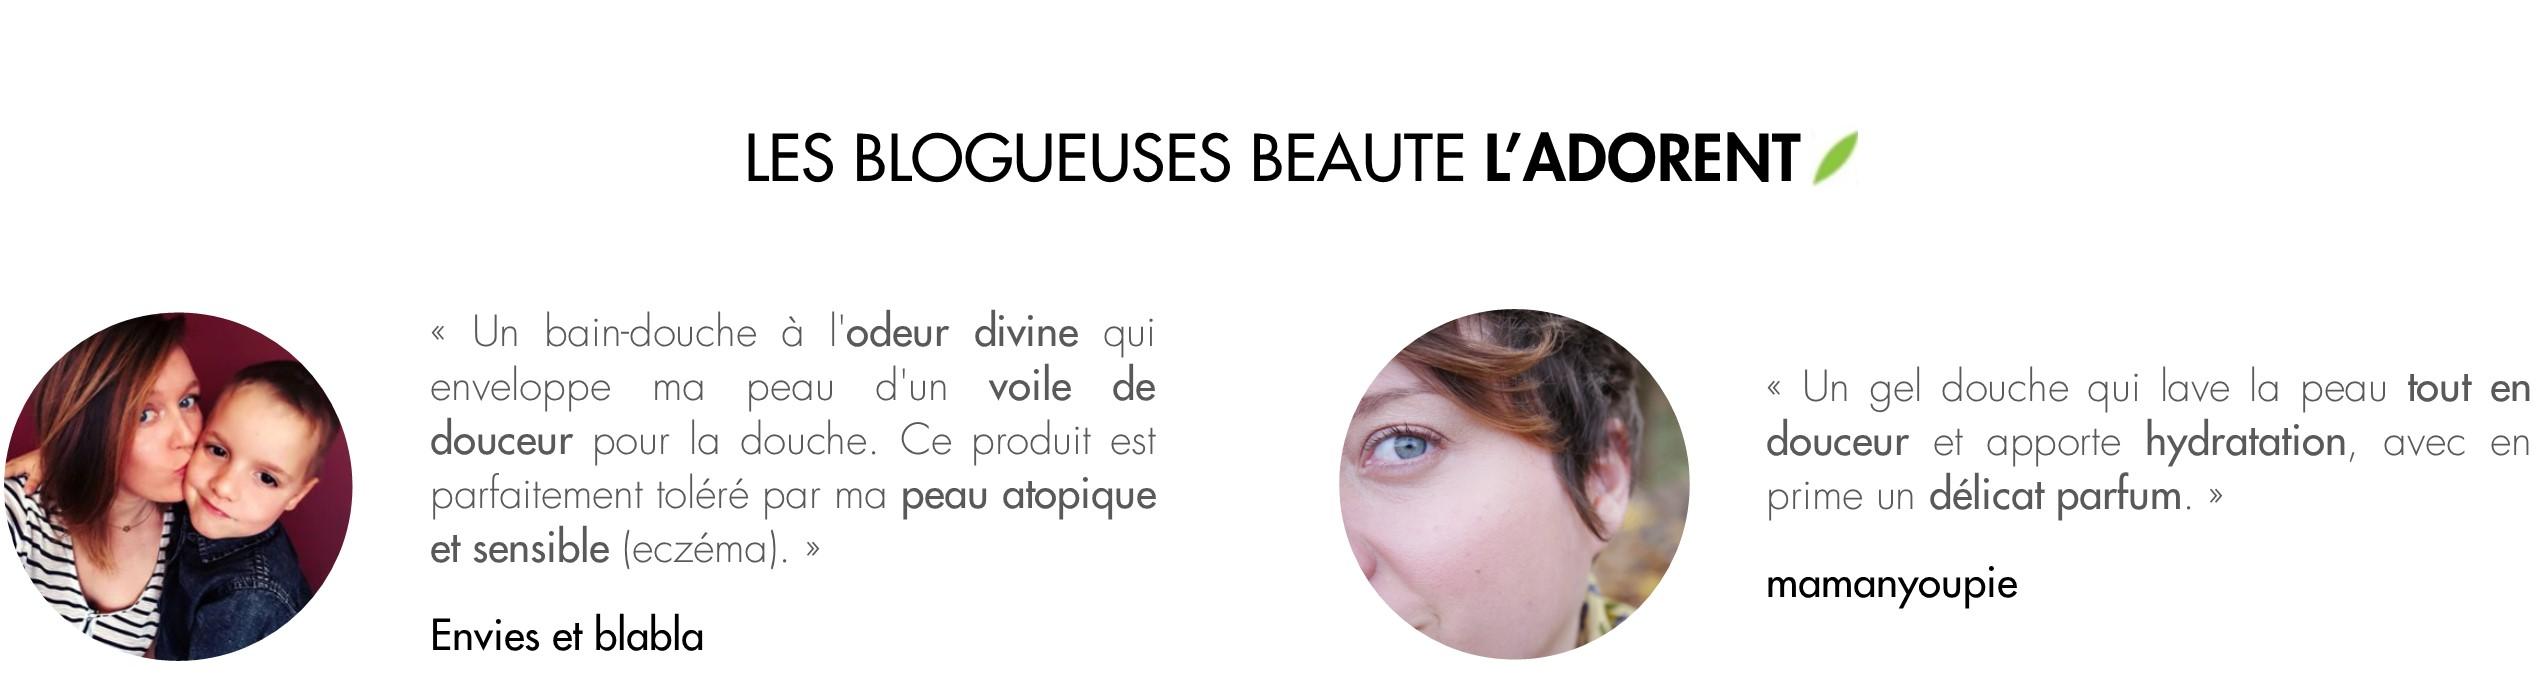 Les blogueuses beauté l'adorent !